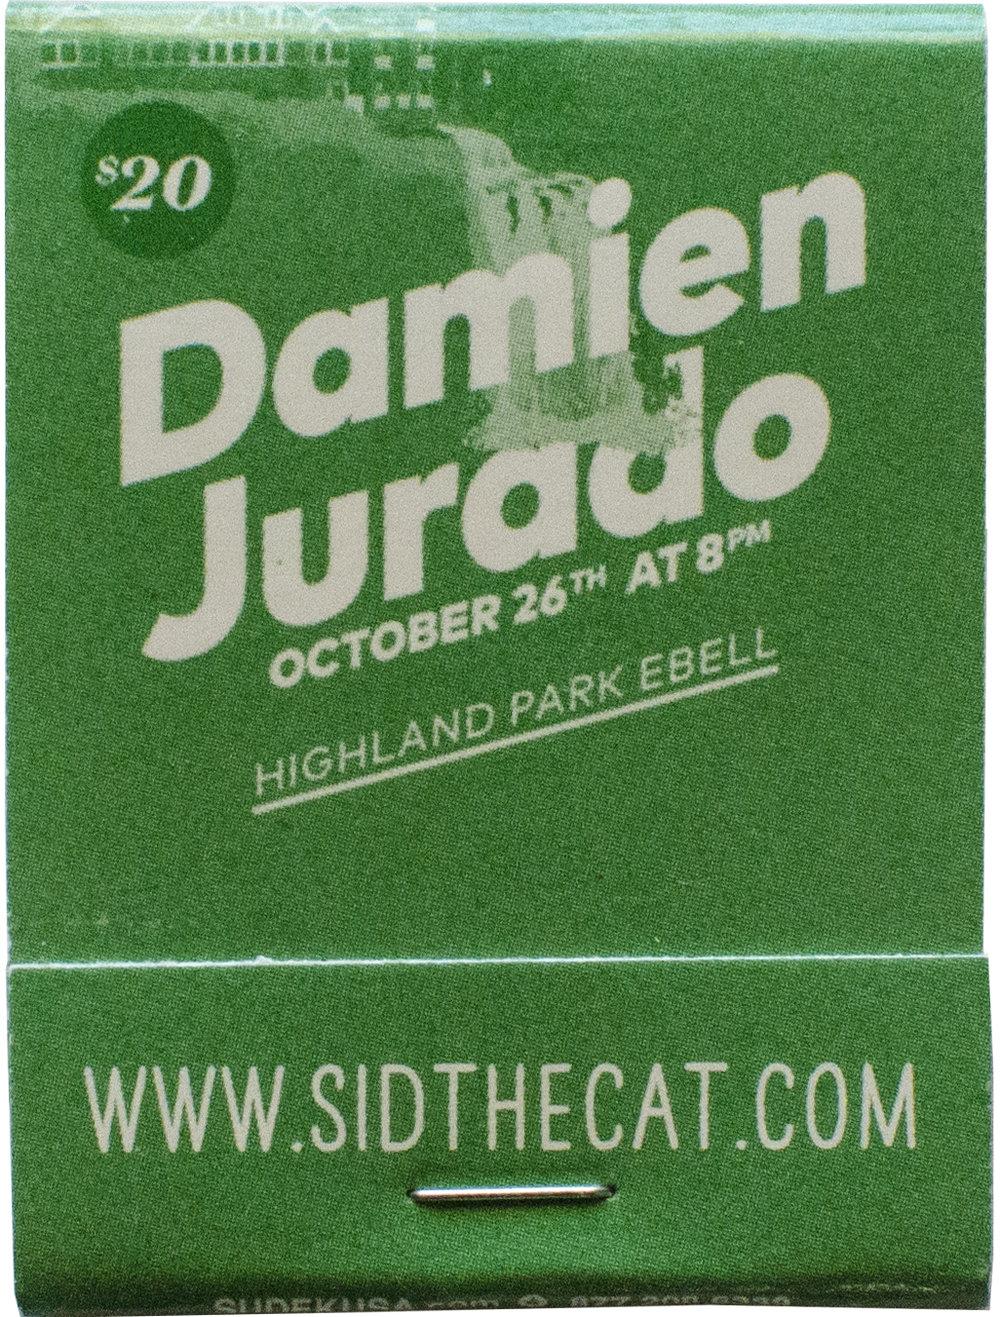 2016-10-26 Damien Jurado.jpg